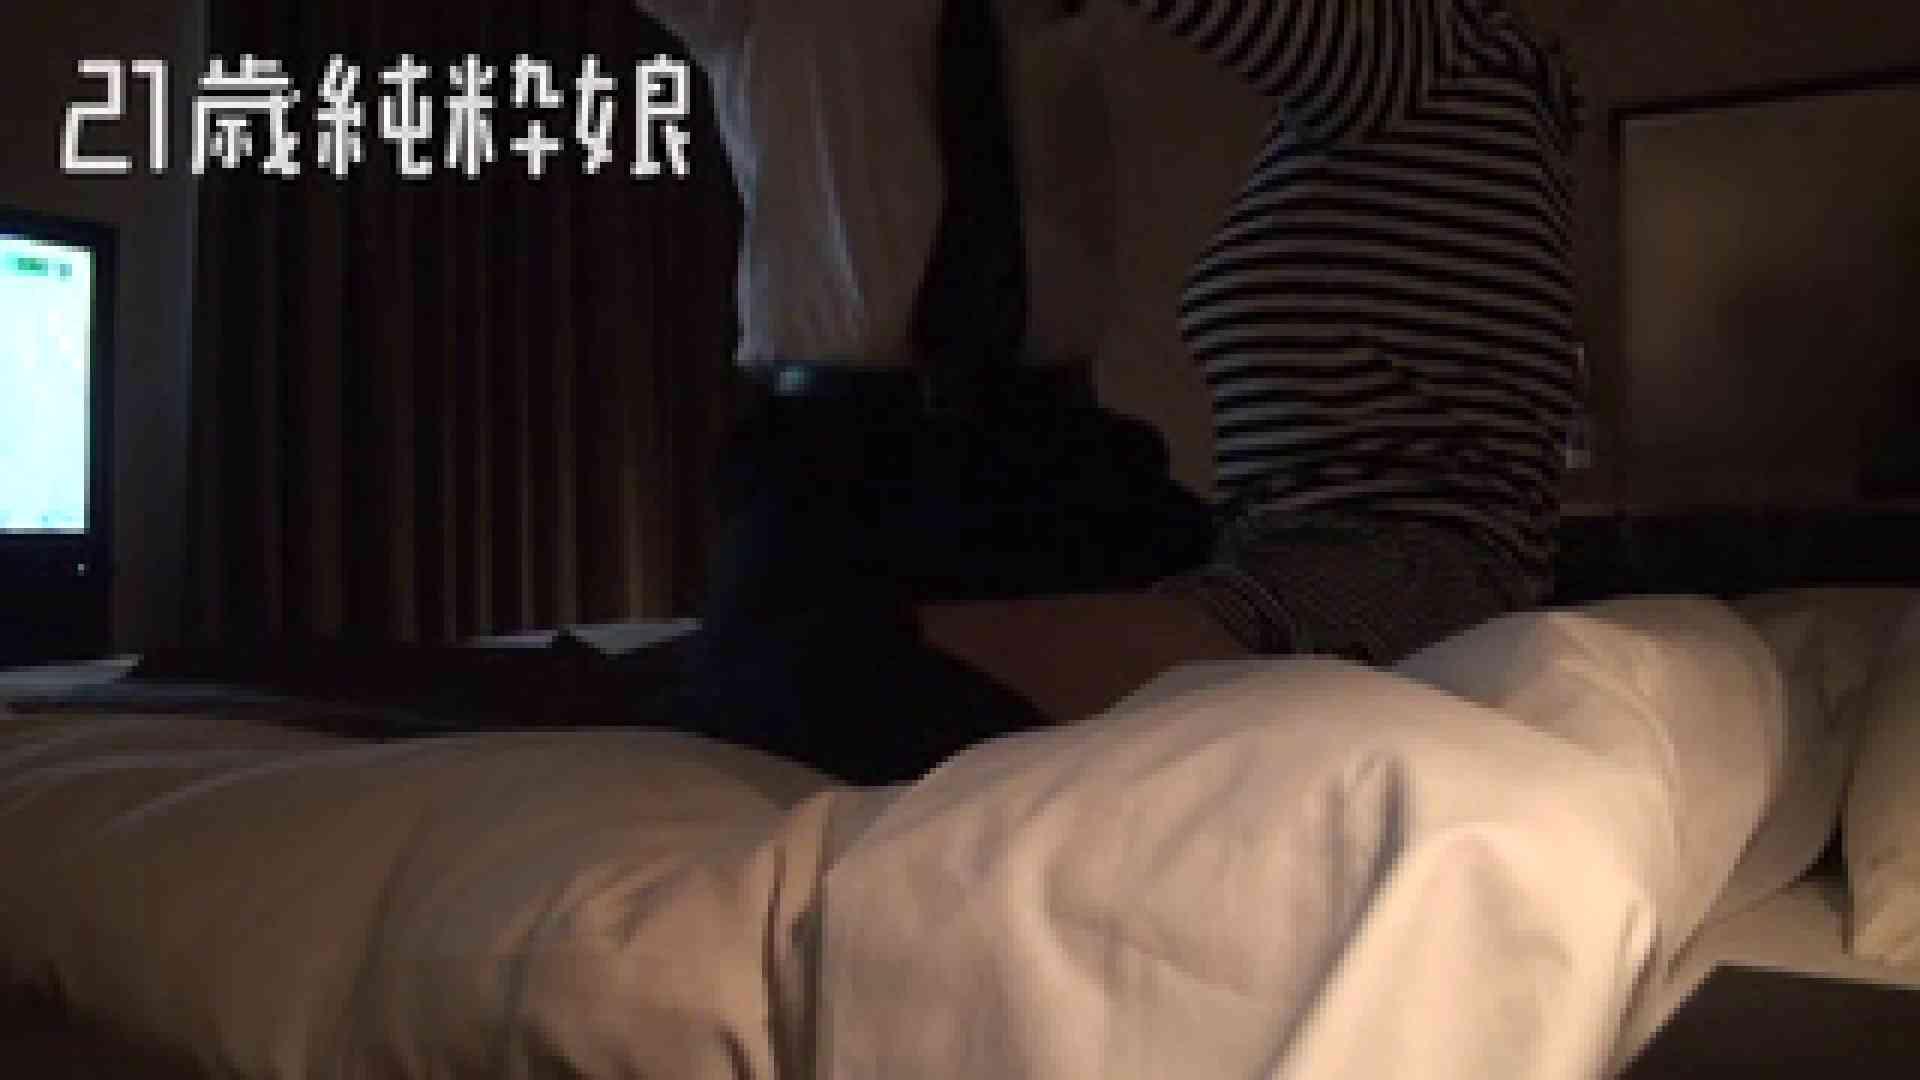 上京したばかりのGカップ21歳純粋嬢を都合の良い女にしてみた4 友人 | ホテル  60連発 11